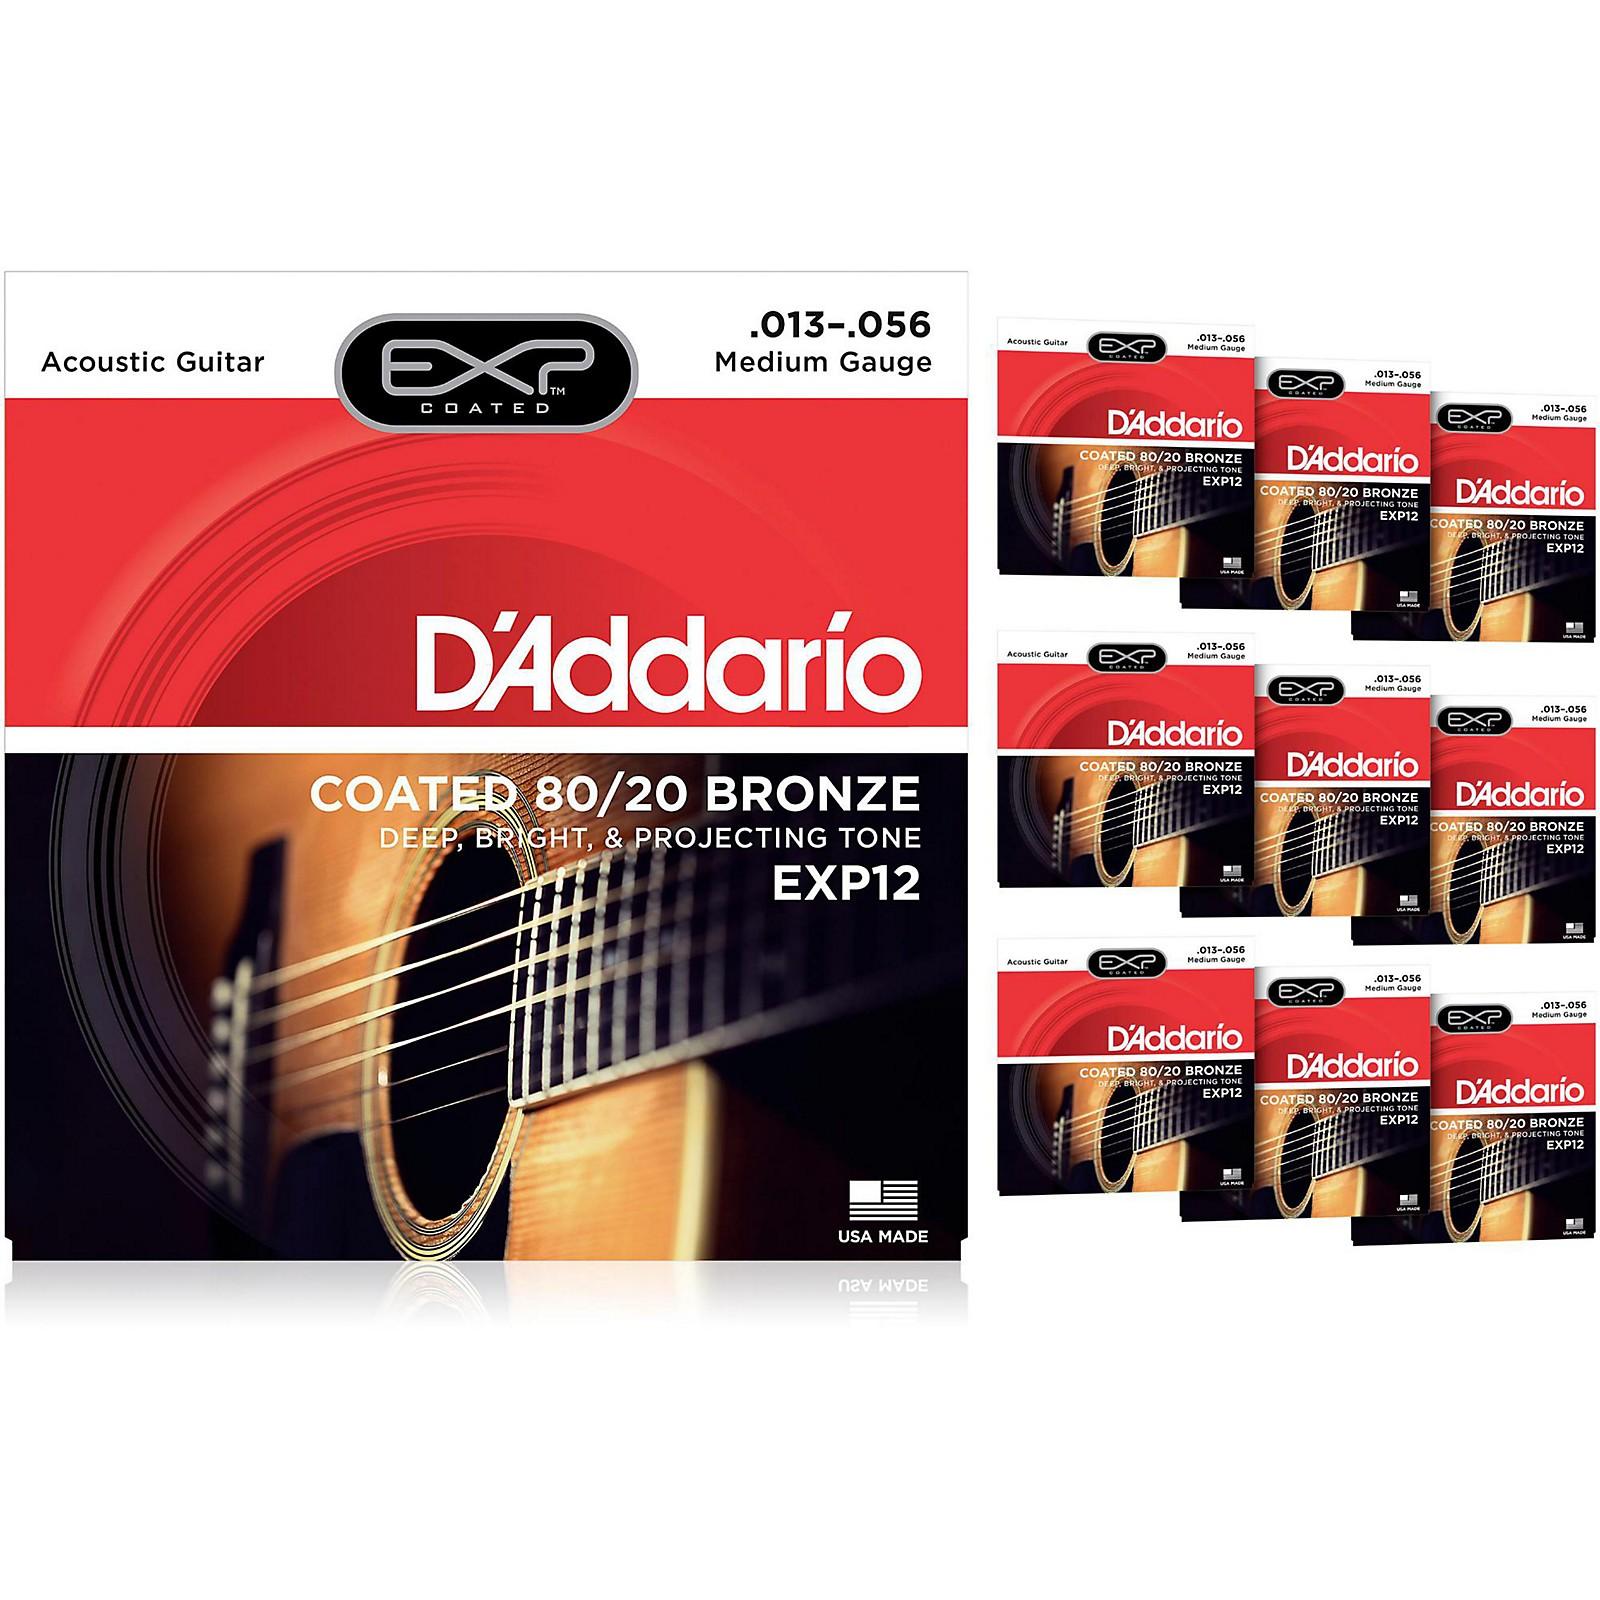 D'Addario EXP12 Coated 80/20 Bronze Medium Acoustic Guitar Strings - 10 Pack